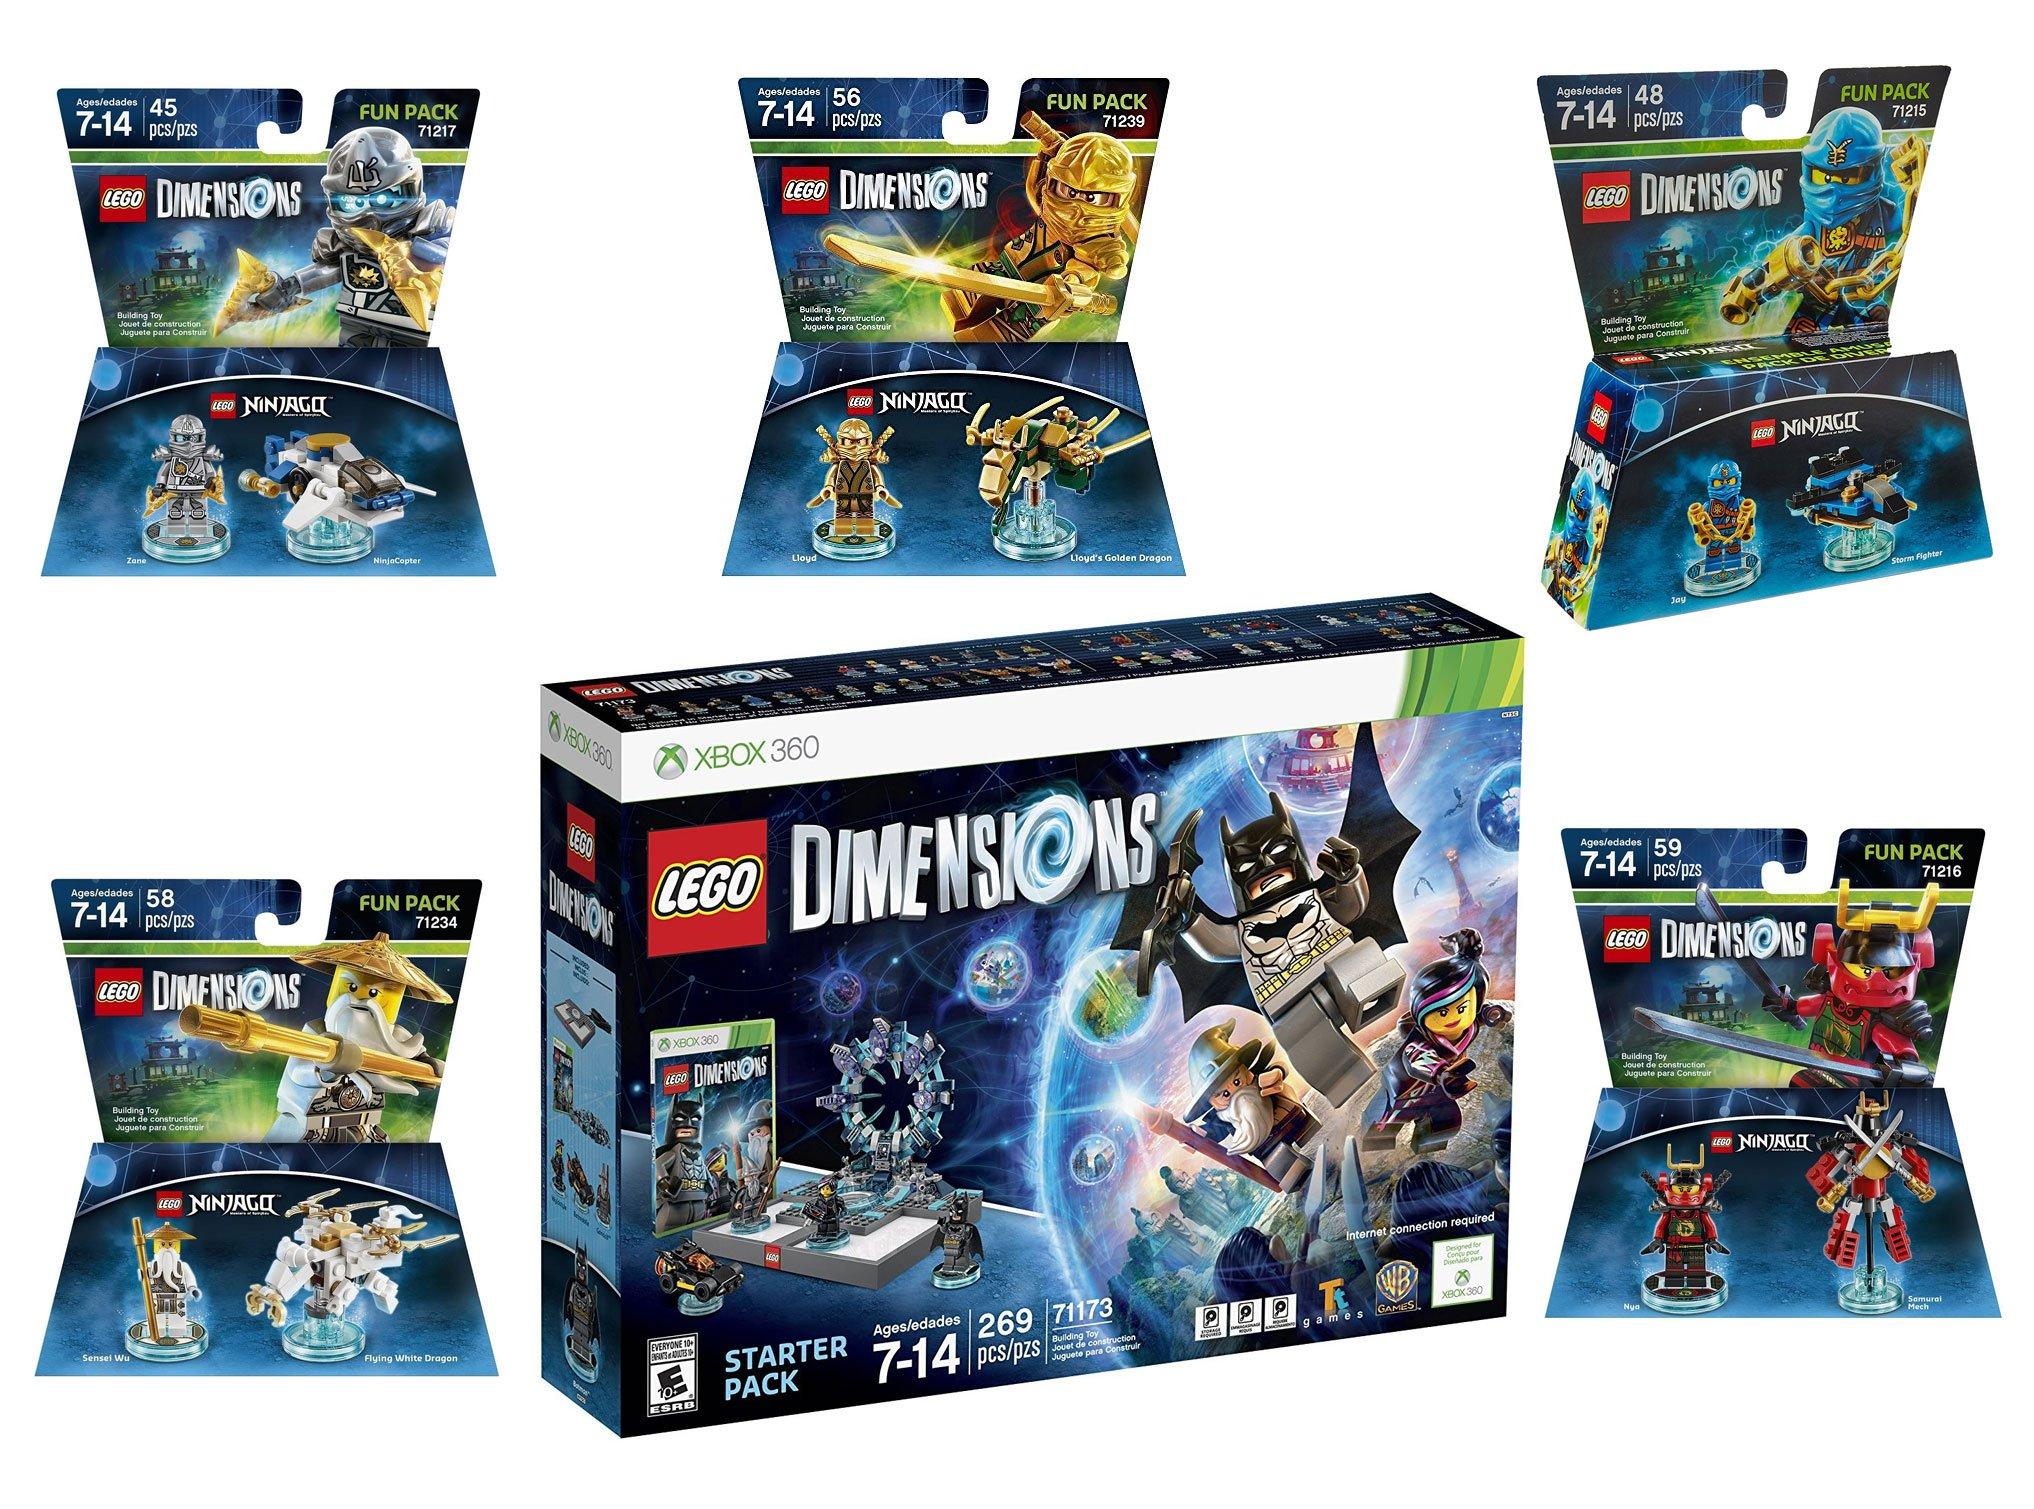 Lego Dimensions Ninjago Starter Pack + Jay + LLoyd + Nya + Zane + Sensei Wu Fun Packs for Xbox 360 Console